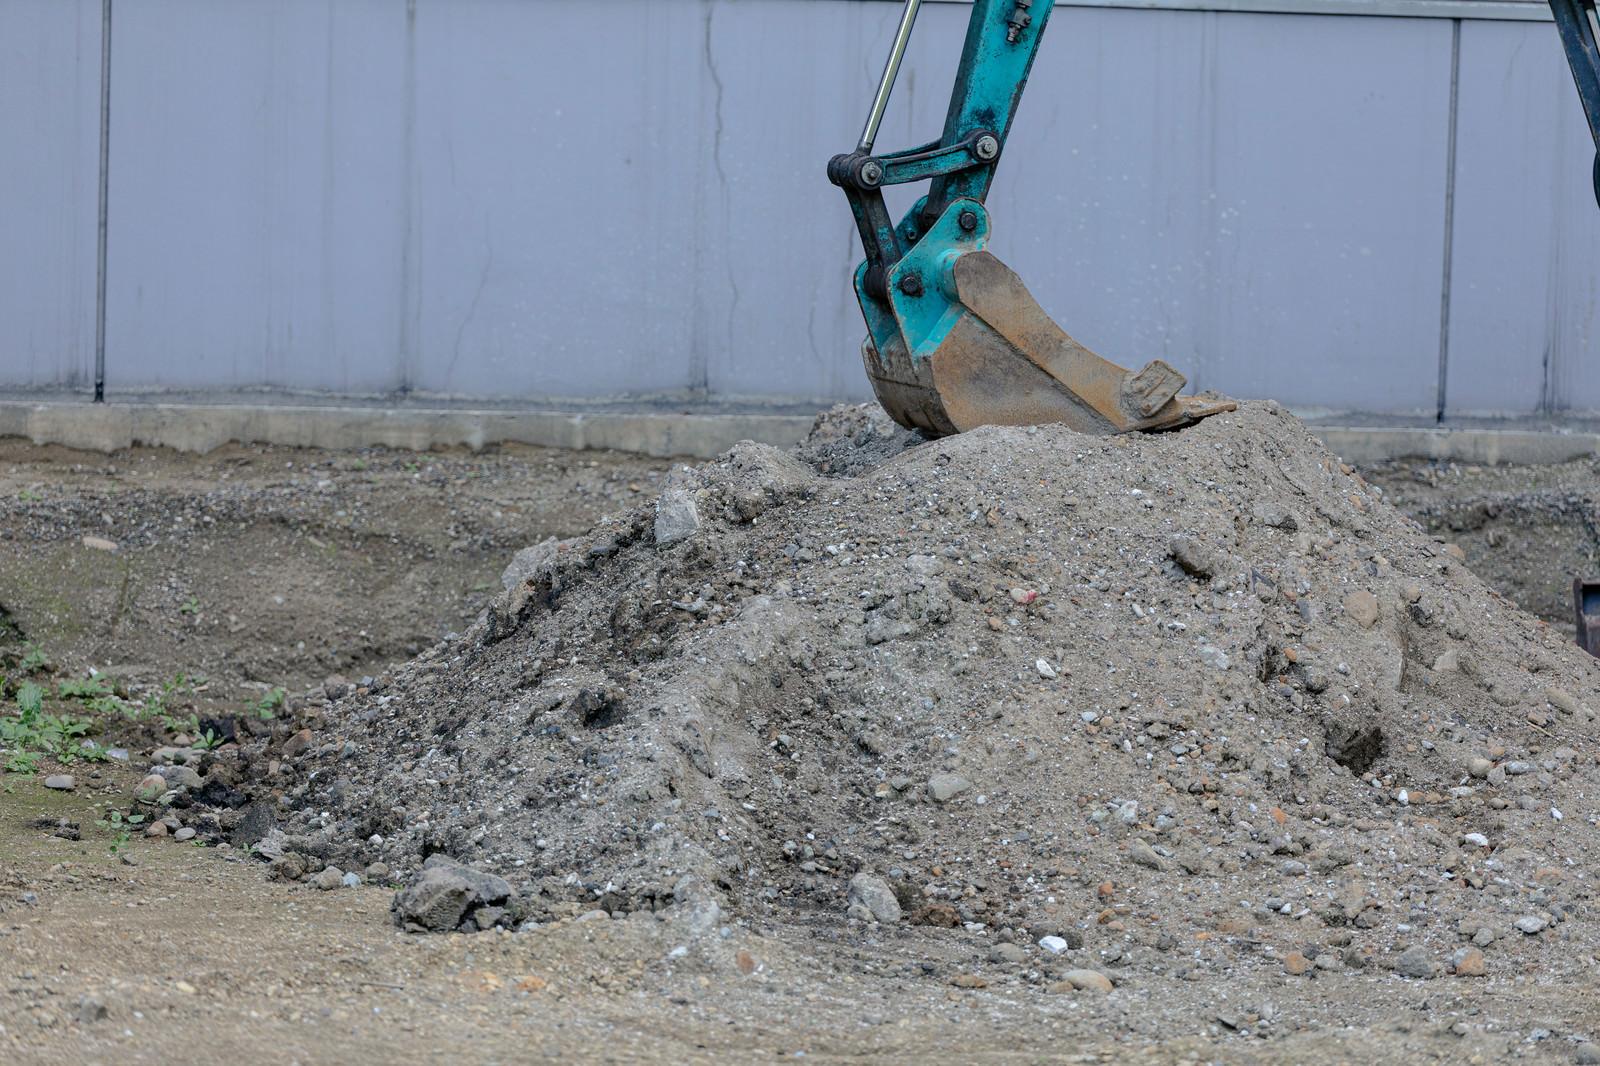 「工事現場でシャベルカー」の写真